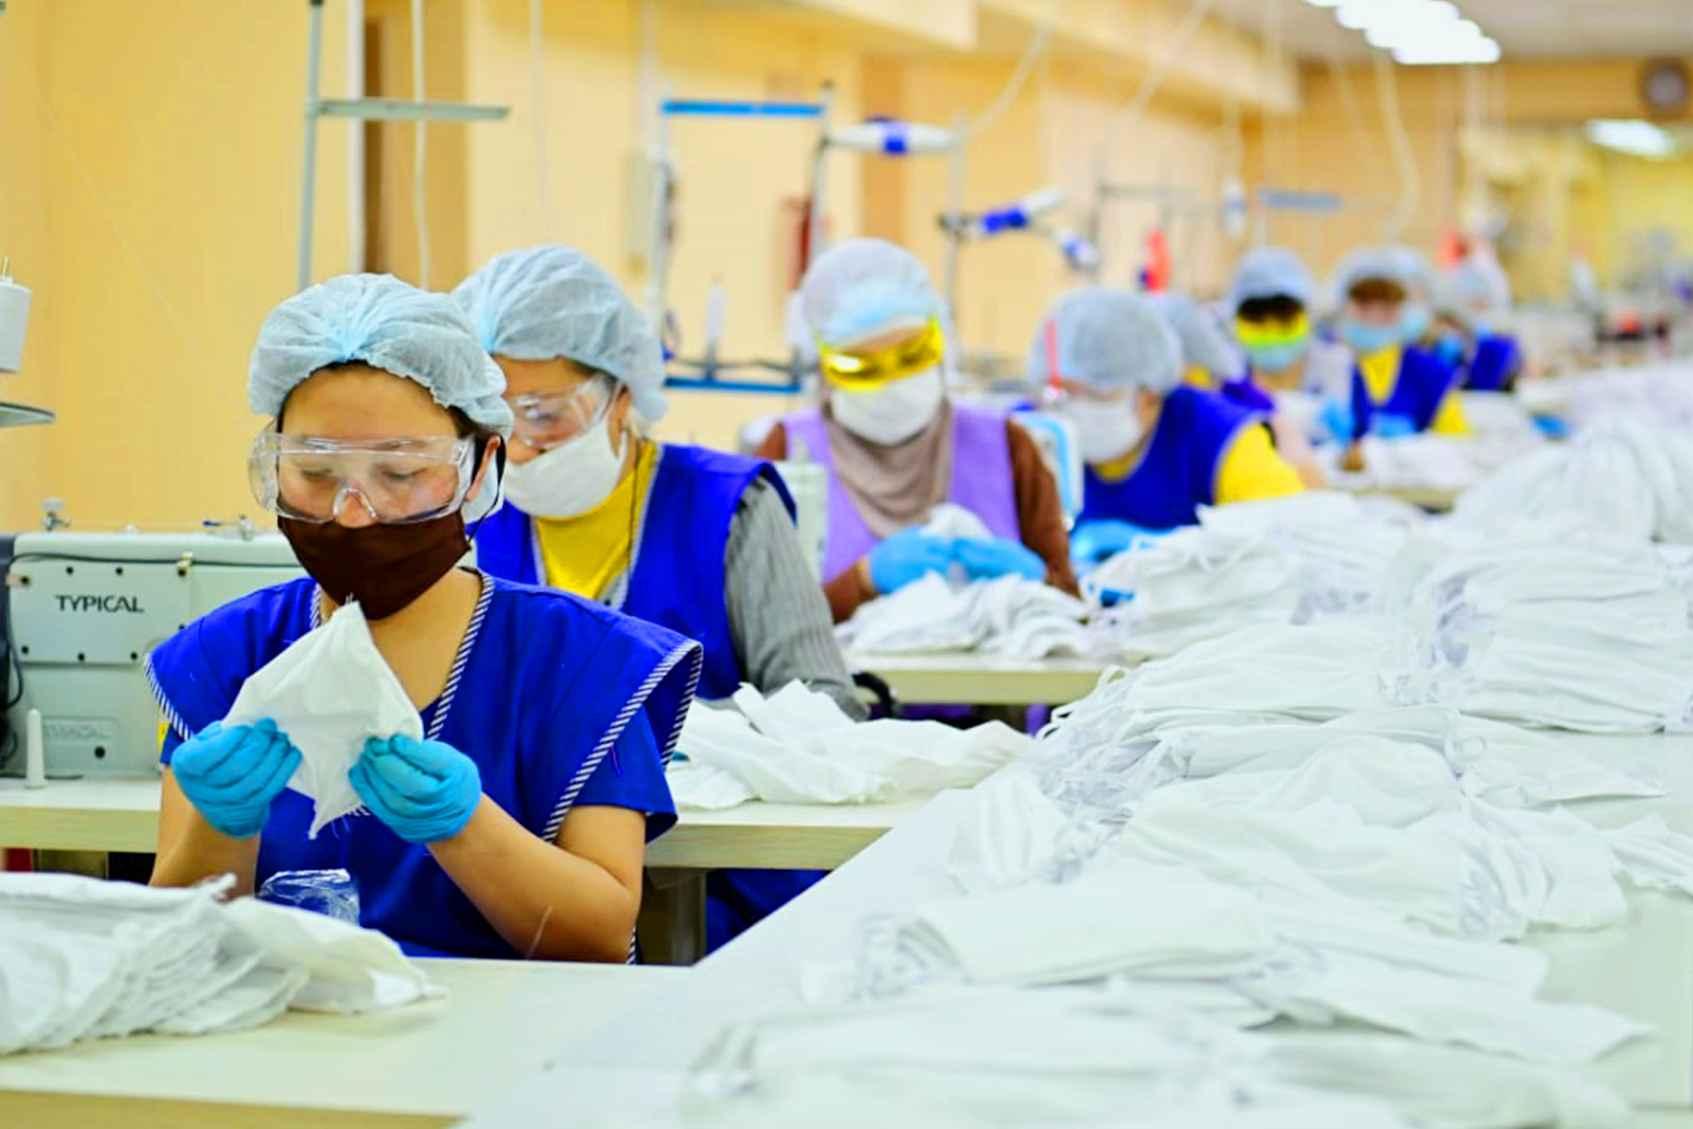 Актюбинская фабрика сошьет более 200 тысяч многоразовых масок